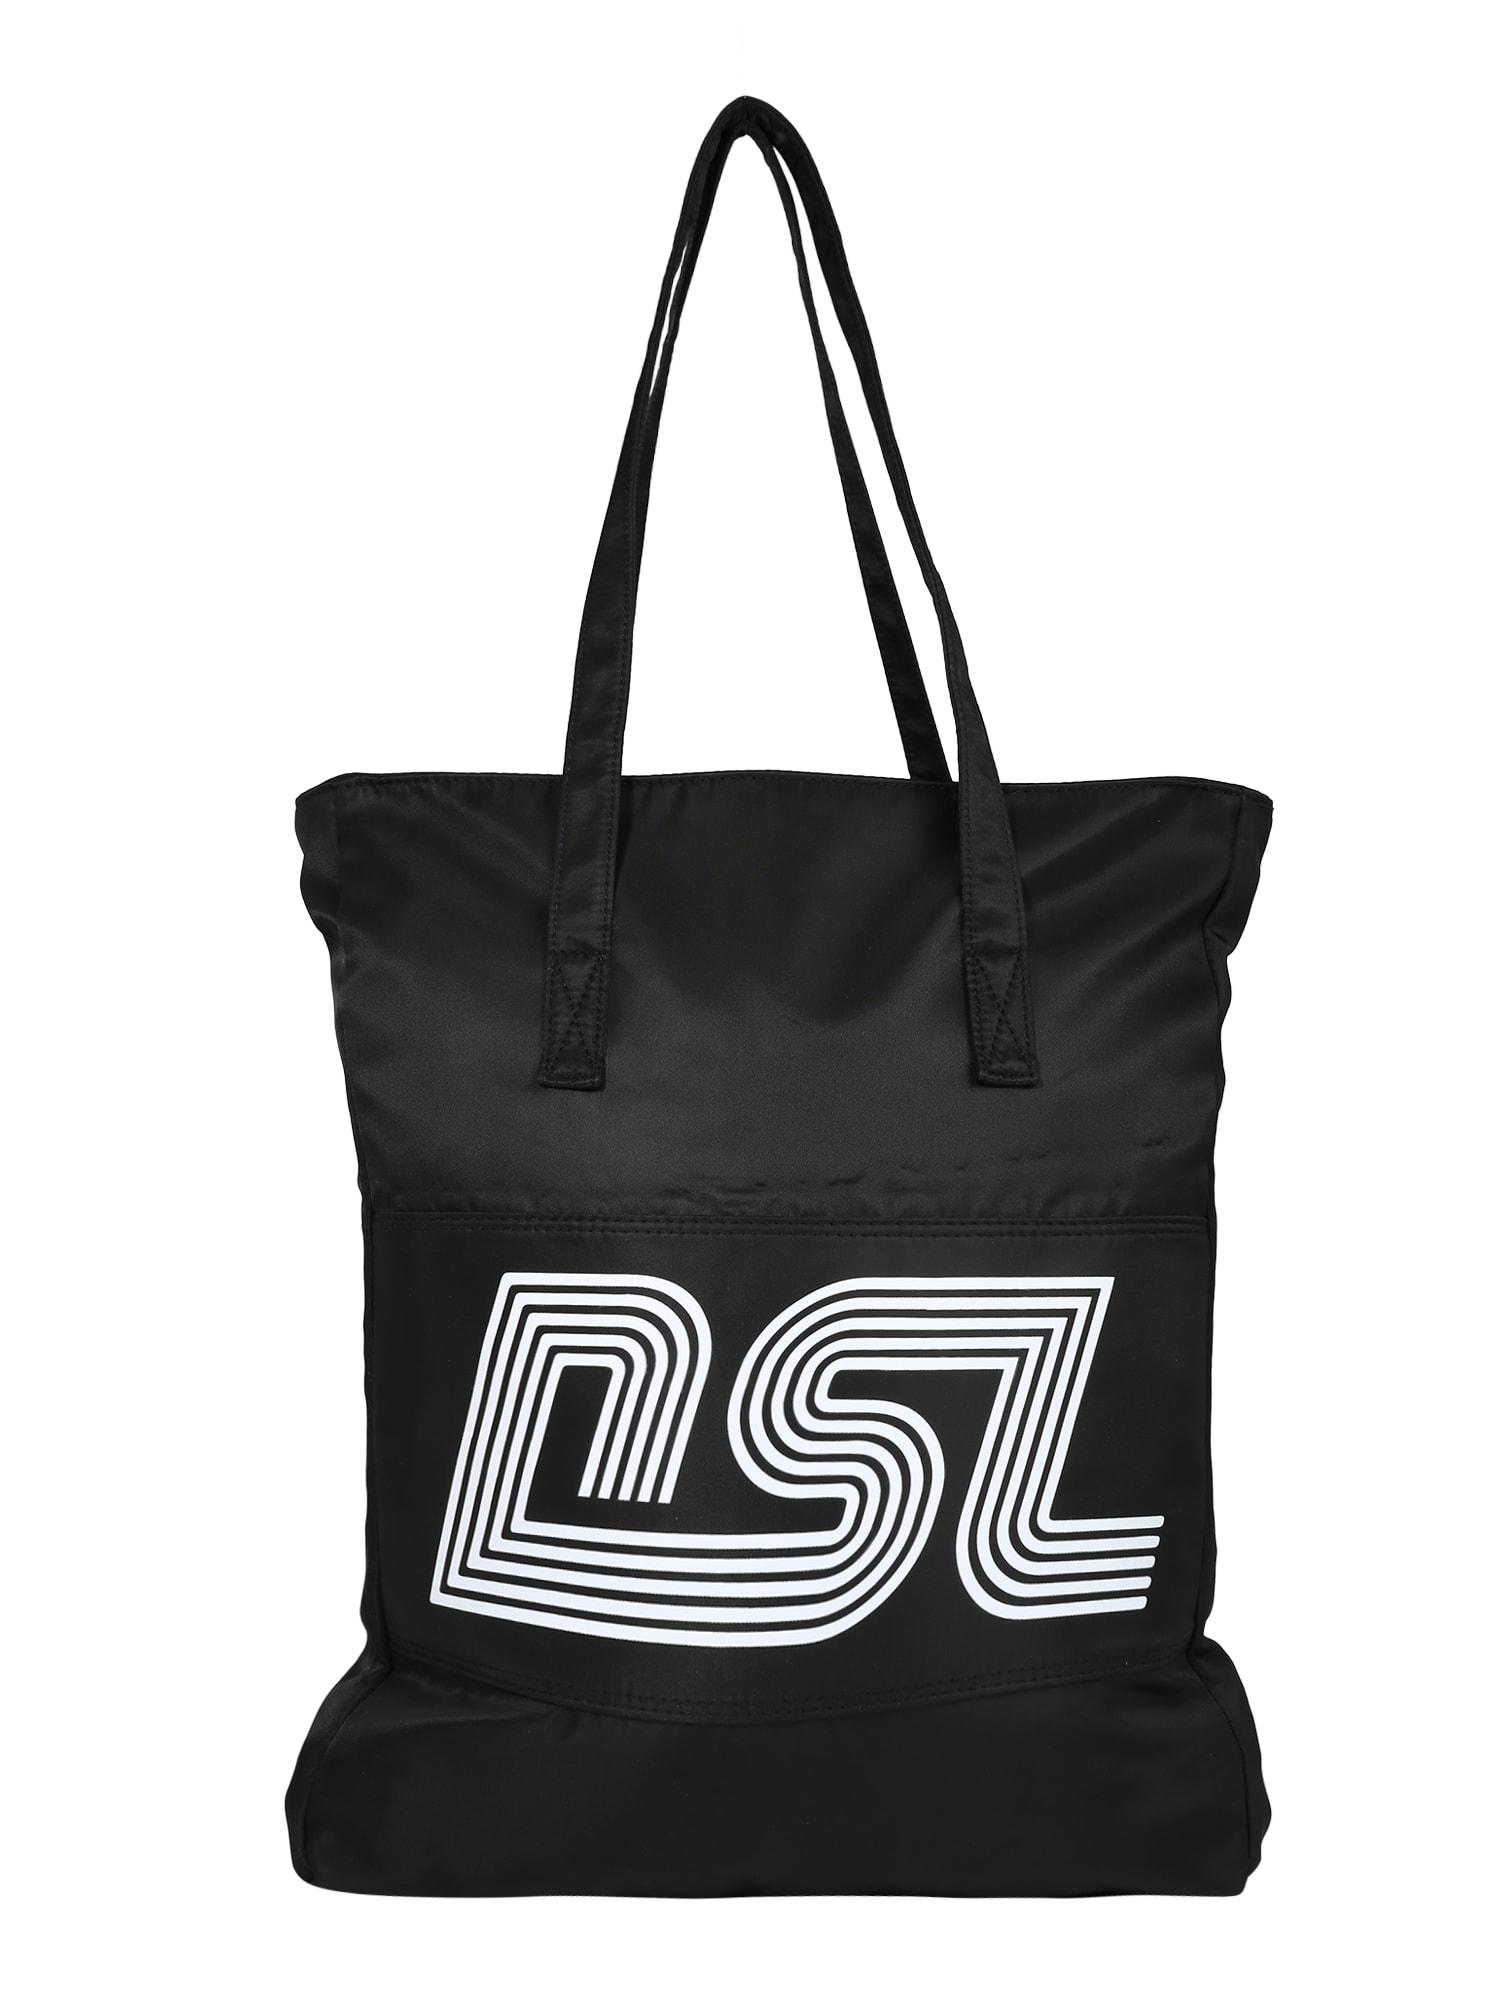 DIESEL Pirkinių krepšys juoda / balta